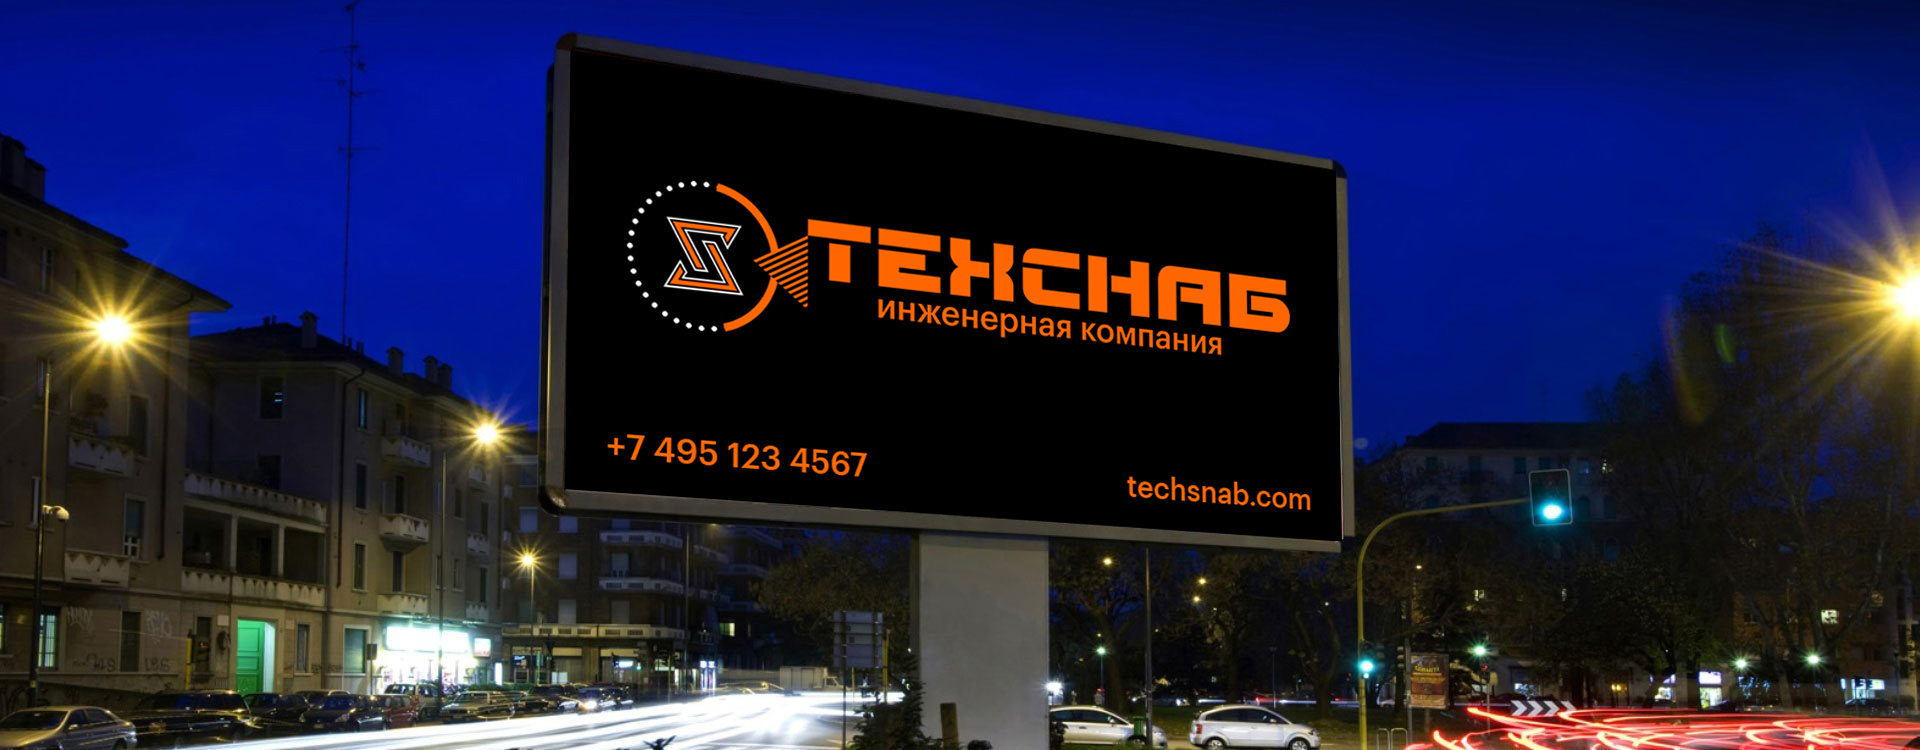 Разработка логотипа и фирм. стиля компании  ТЕХСНАБ фото f_0815b1eb4afc8afd.jpg